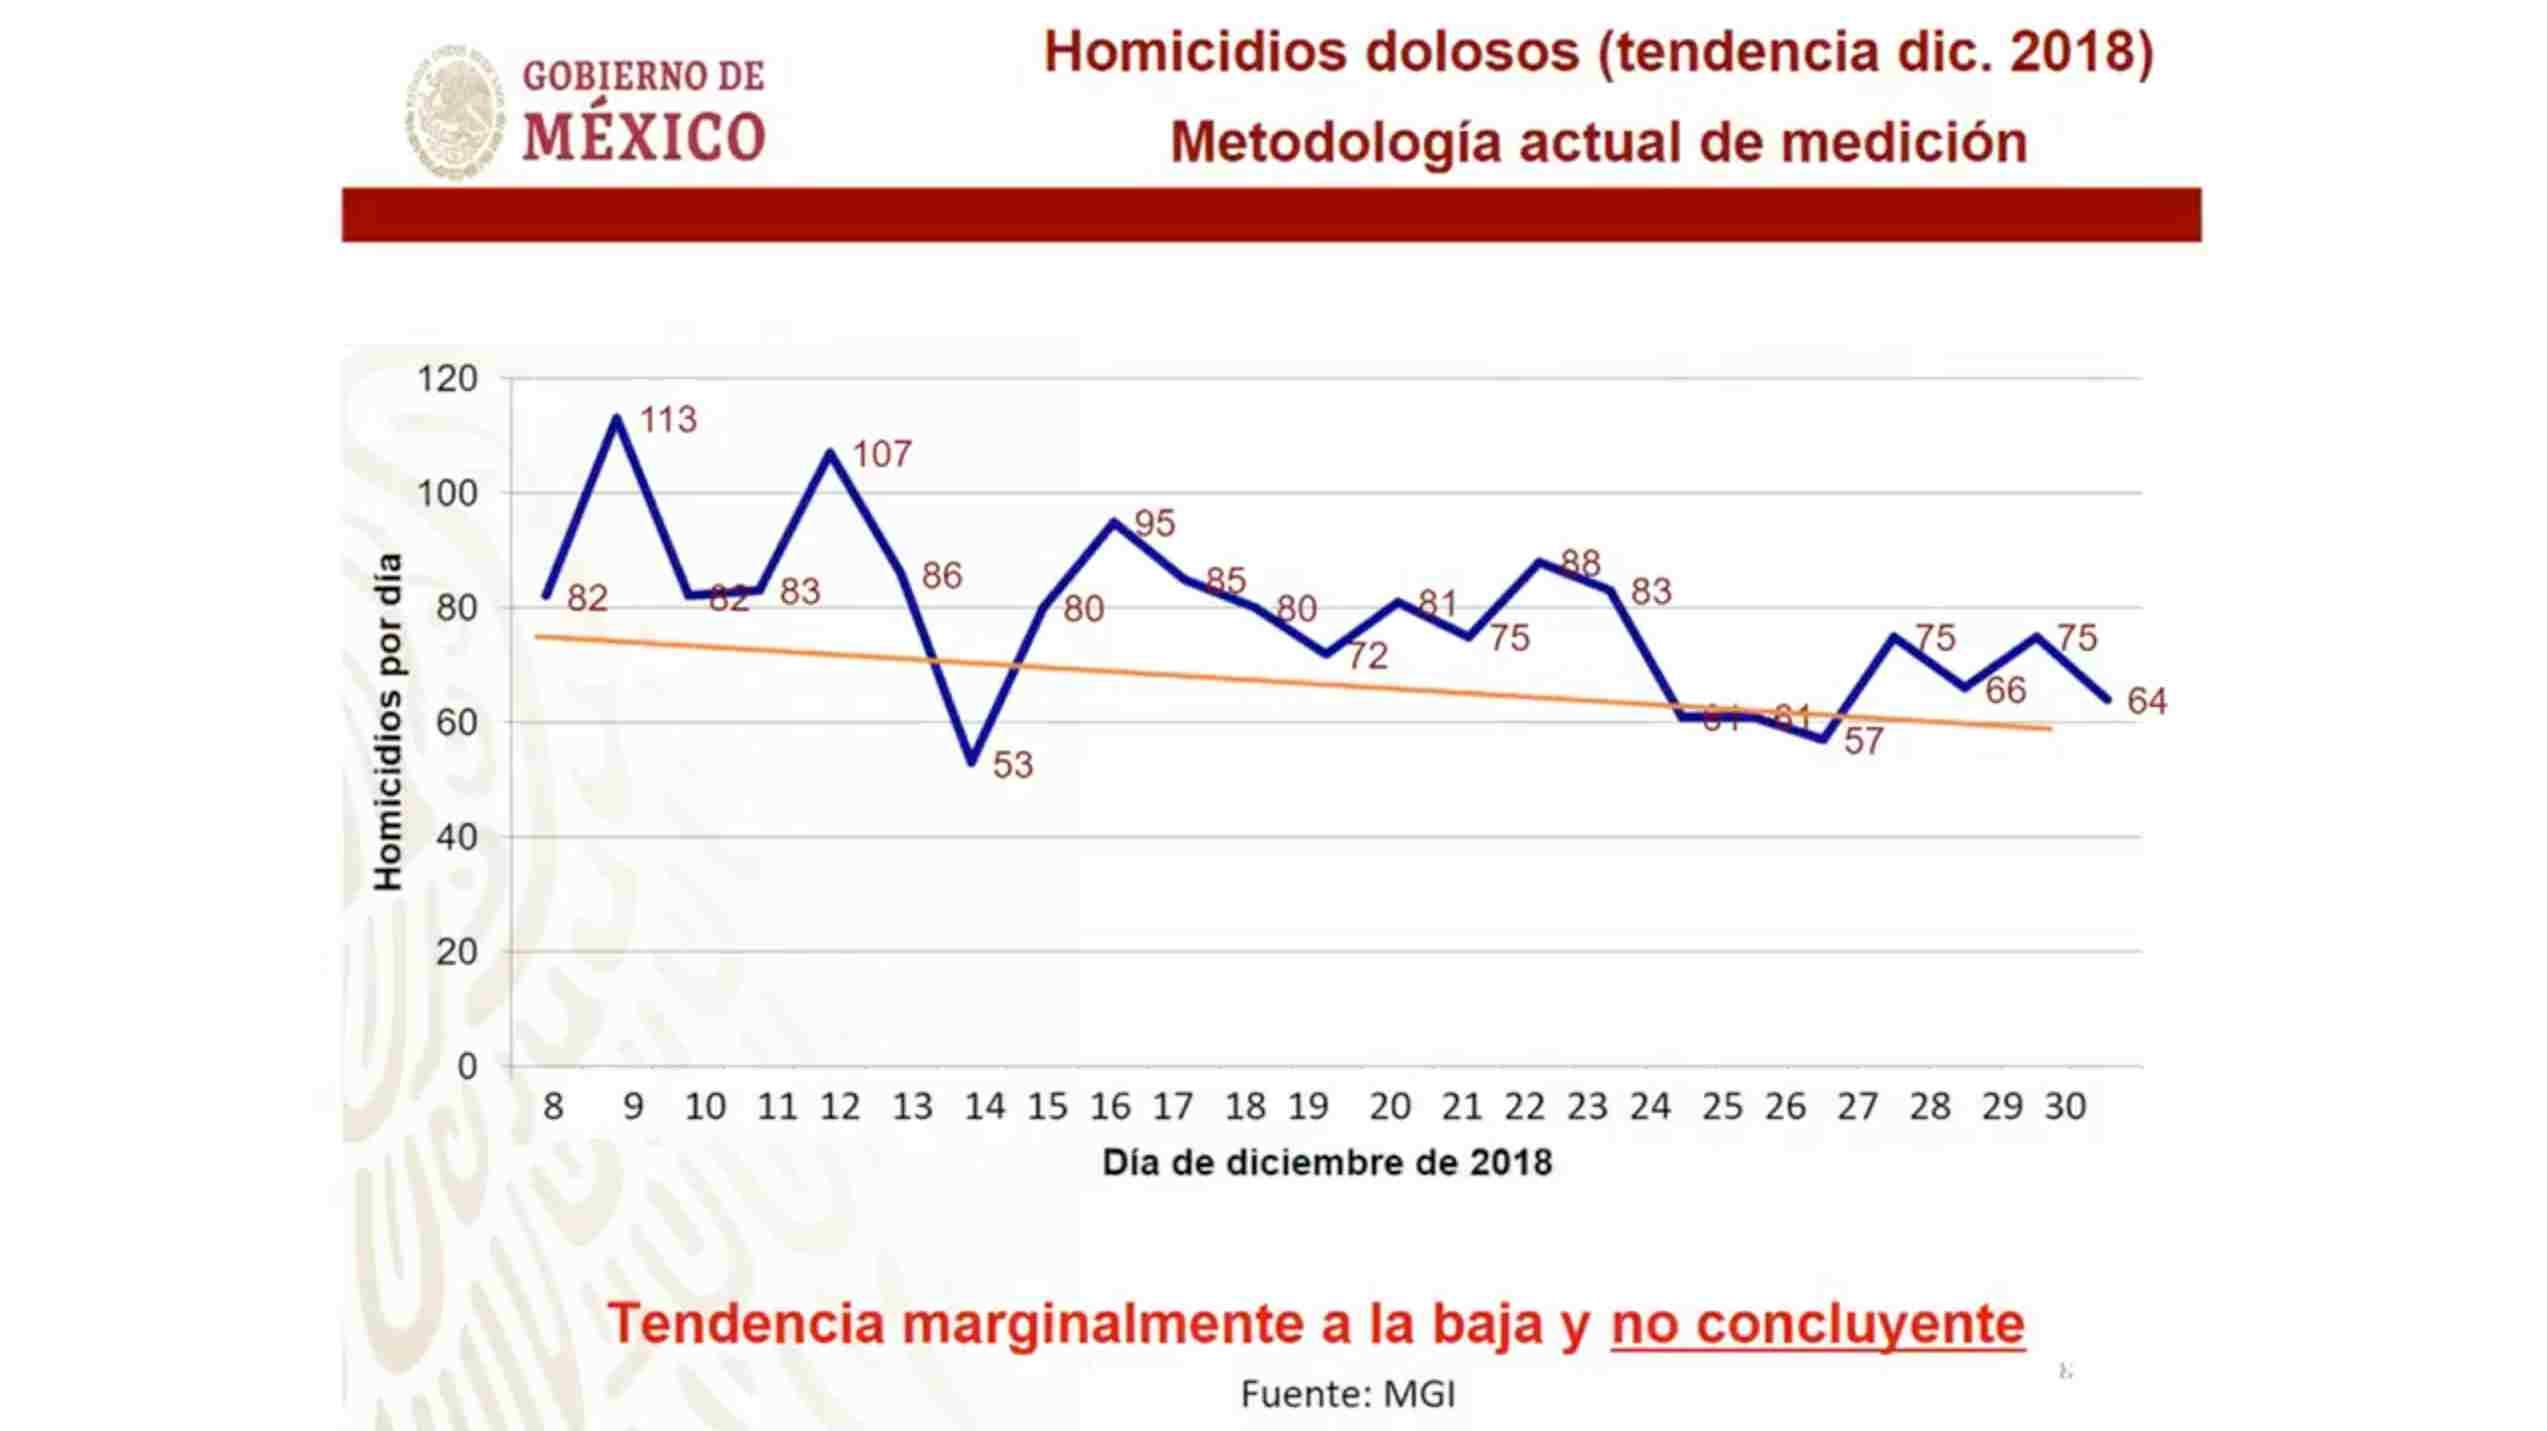 homicidios dolosos cifras diciembre 2018